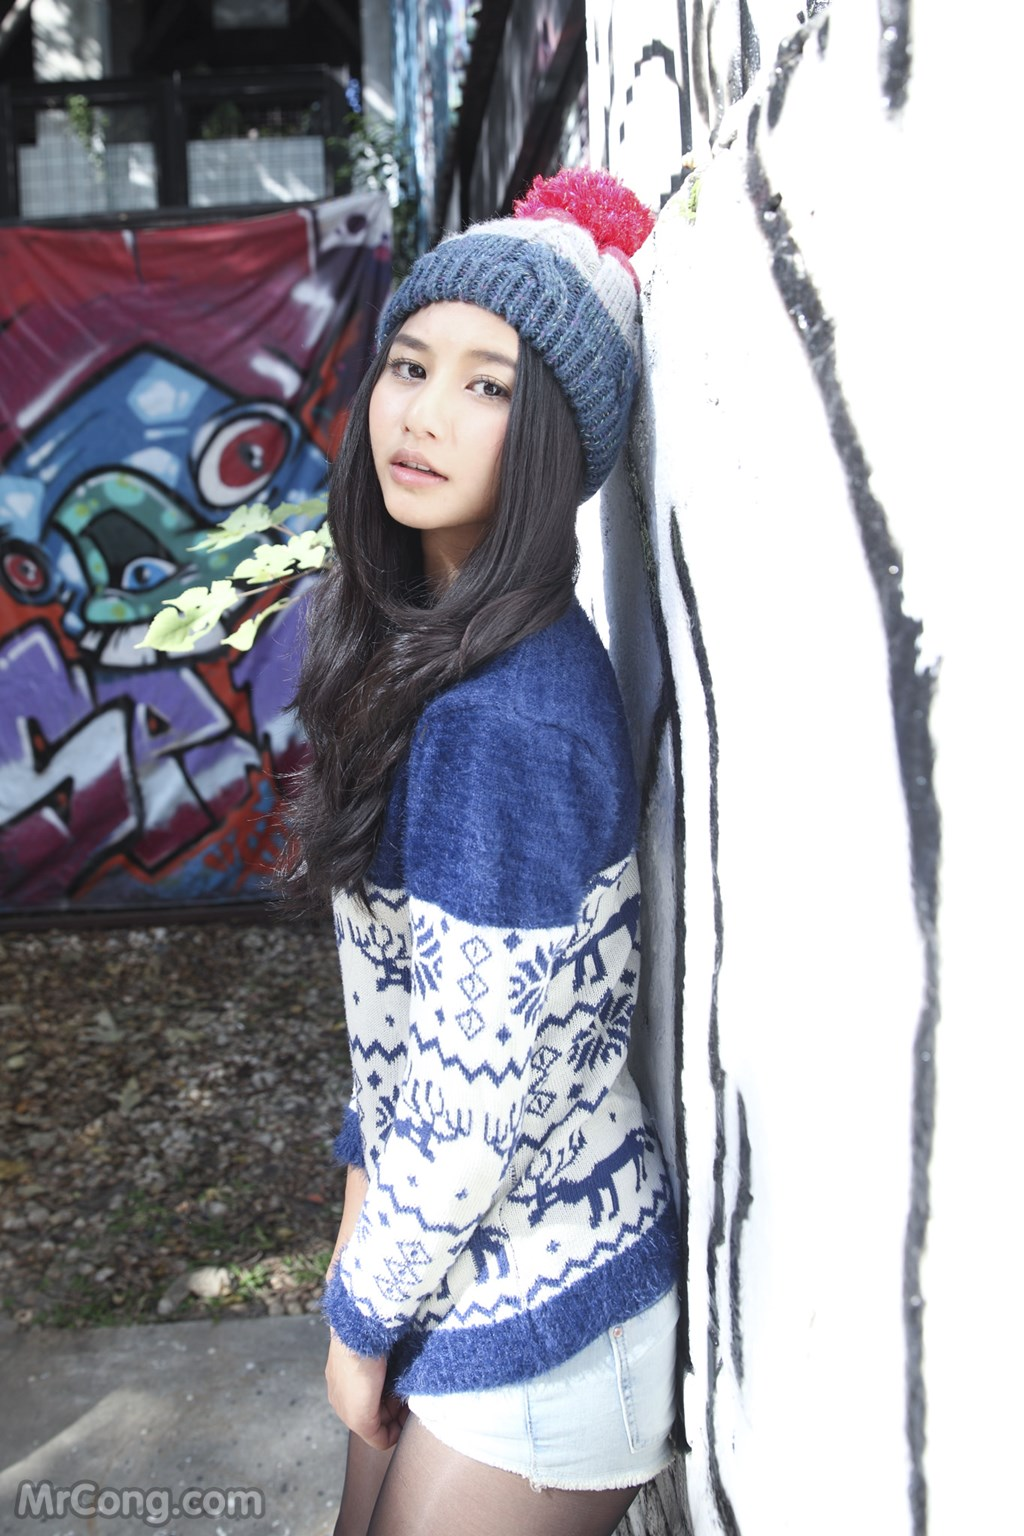 Image Girl-xinh-Dai-Loan-by-Joseph-Huang-Phan-1-MrCong.com-0008 in post Các cô gái Đài Loan qua góc chụp của Joseph Huang (黃阿文) - Phần 1 (1480 ảnh)